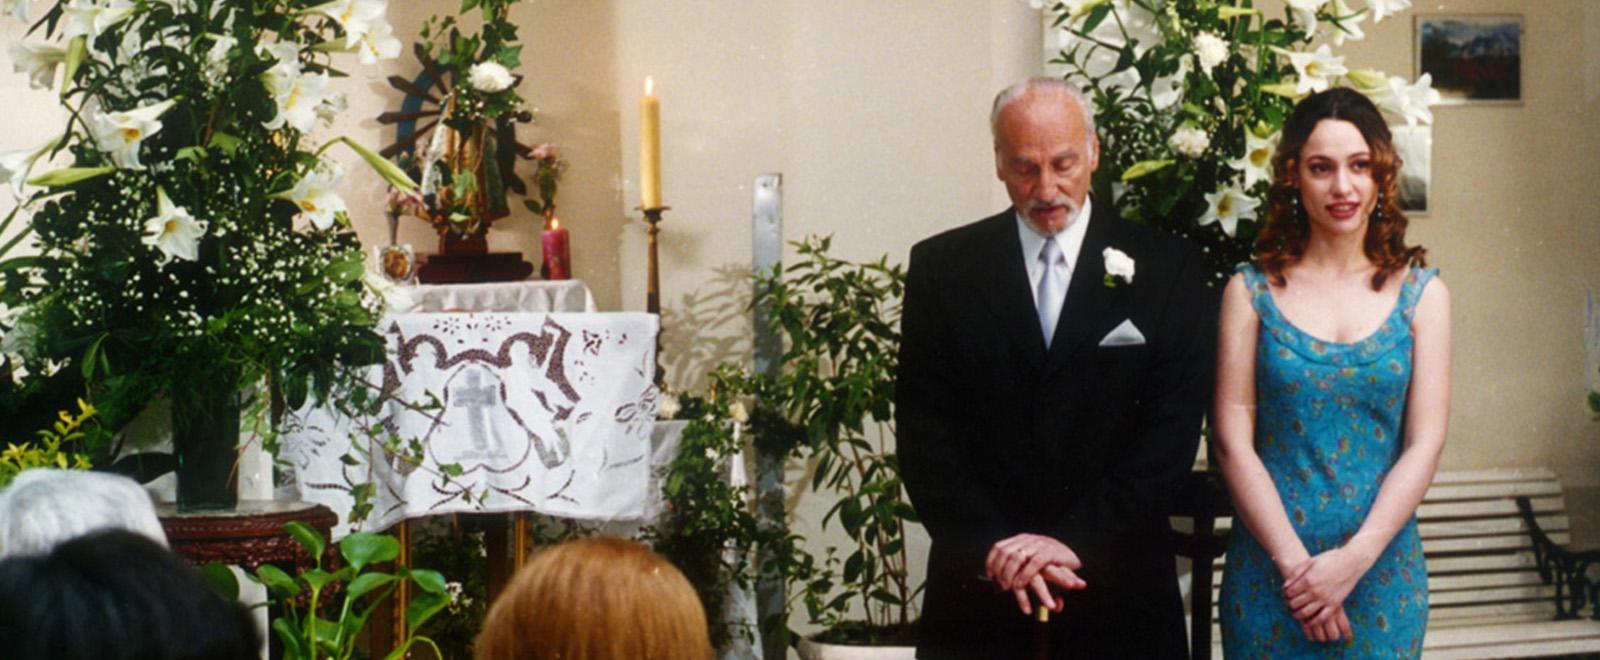 Il figlio della sposa